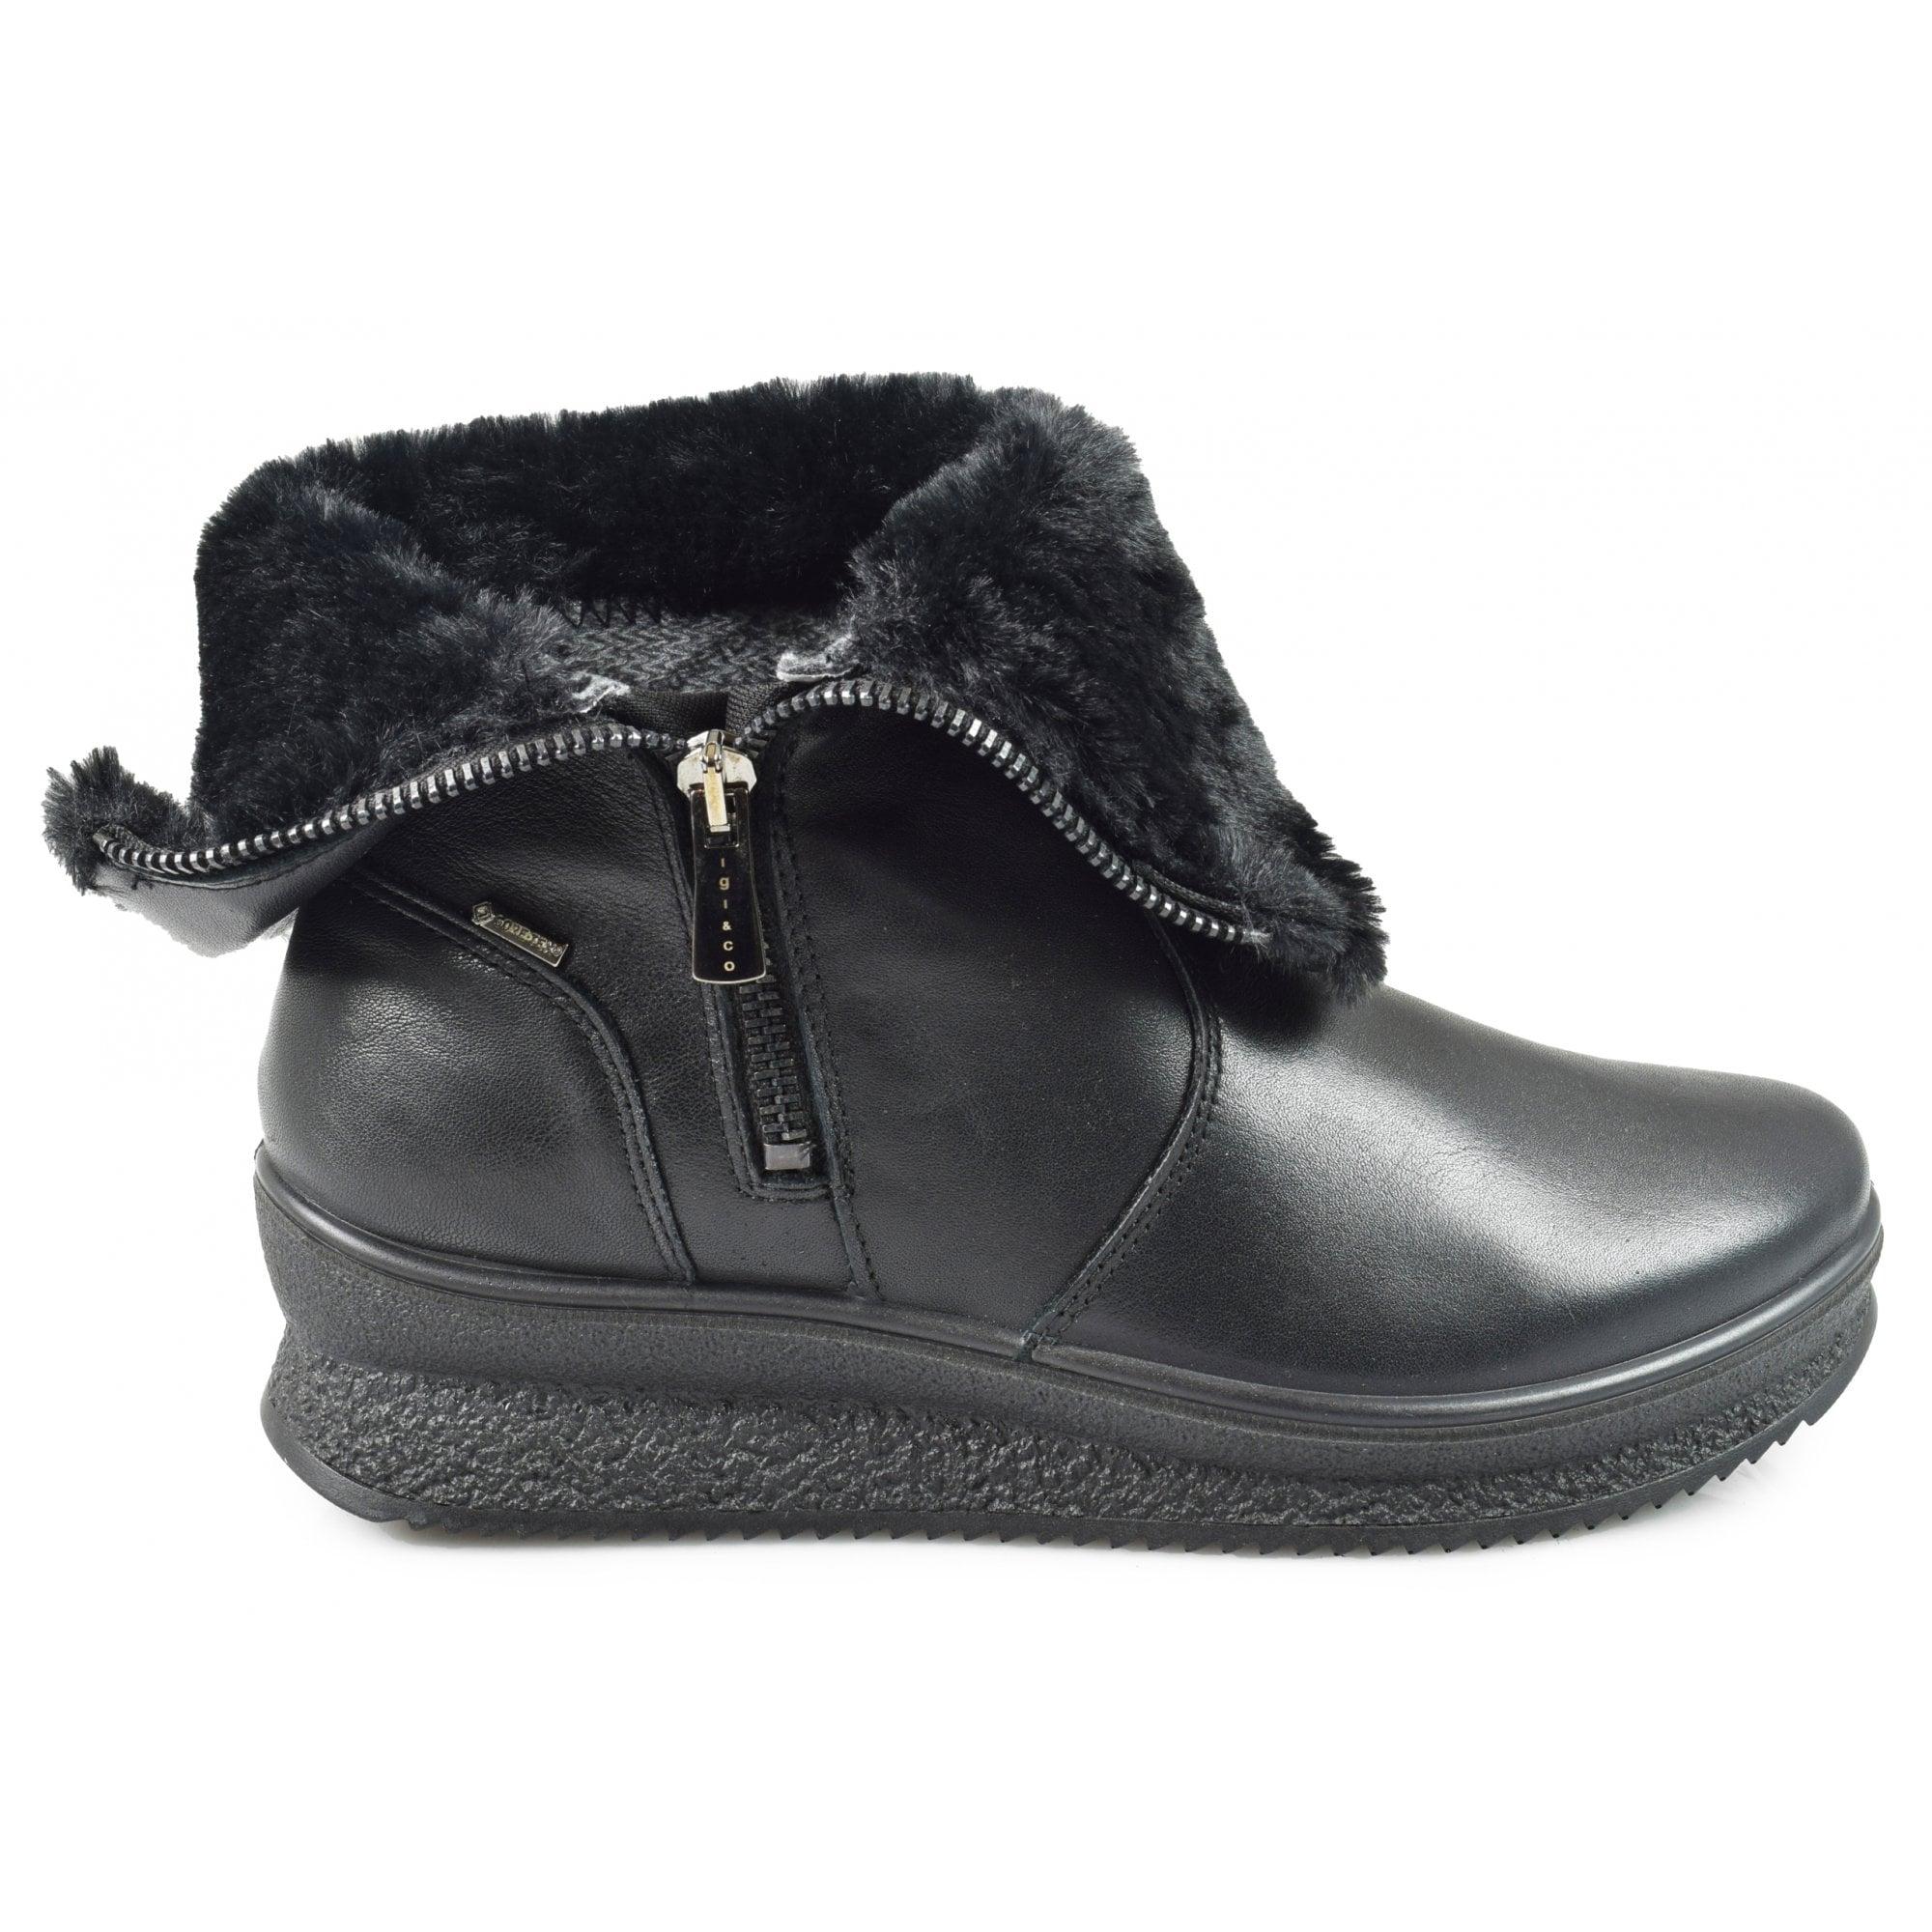 Igi \u0026 Co Black Leather Waterproof Ankle